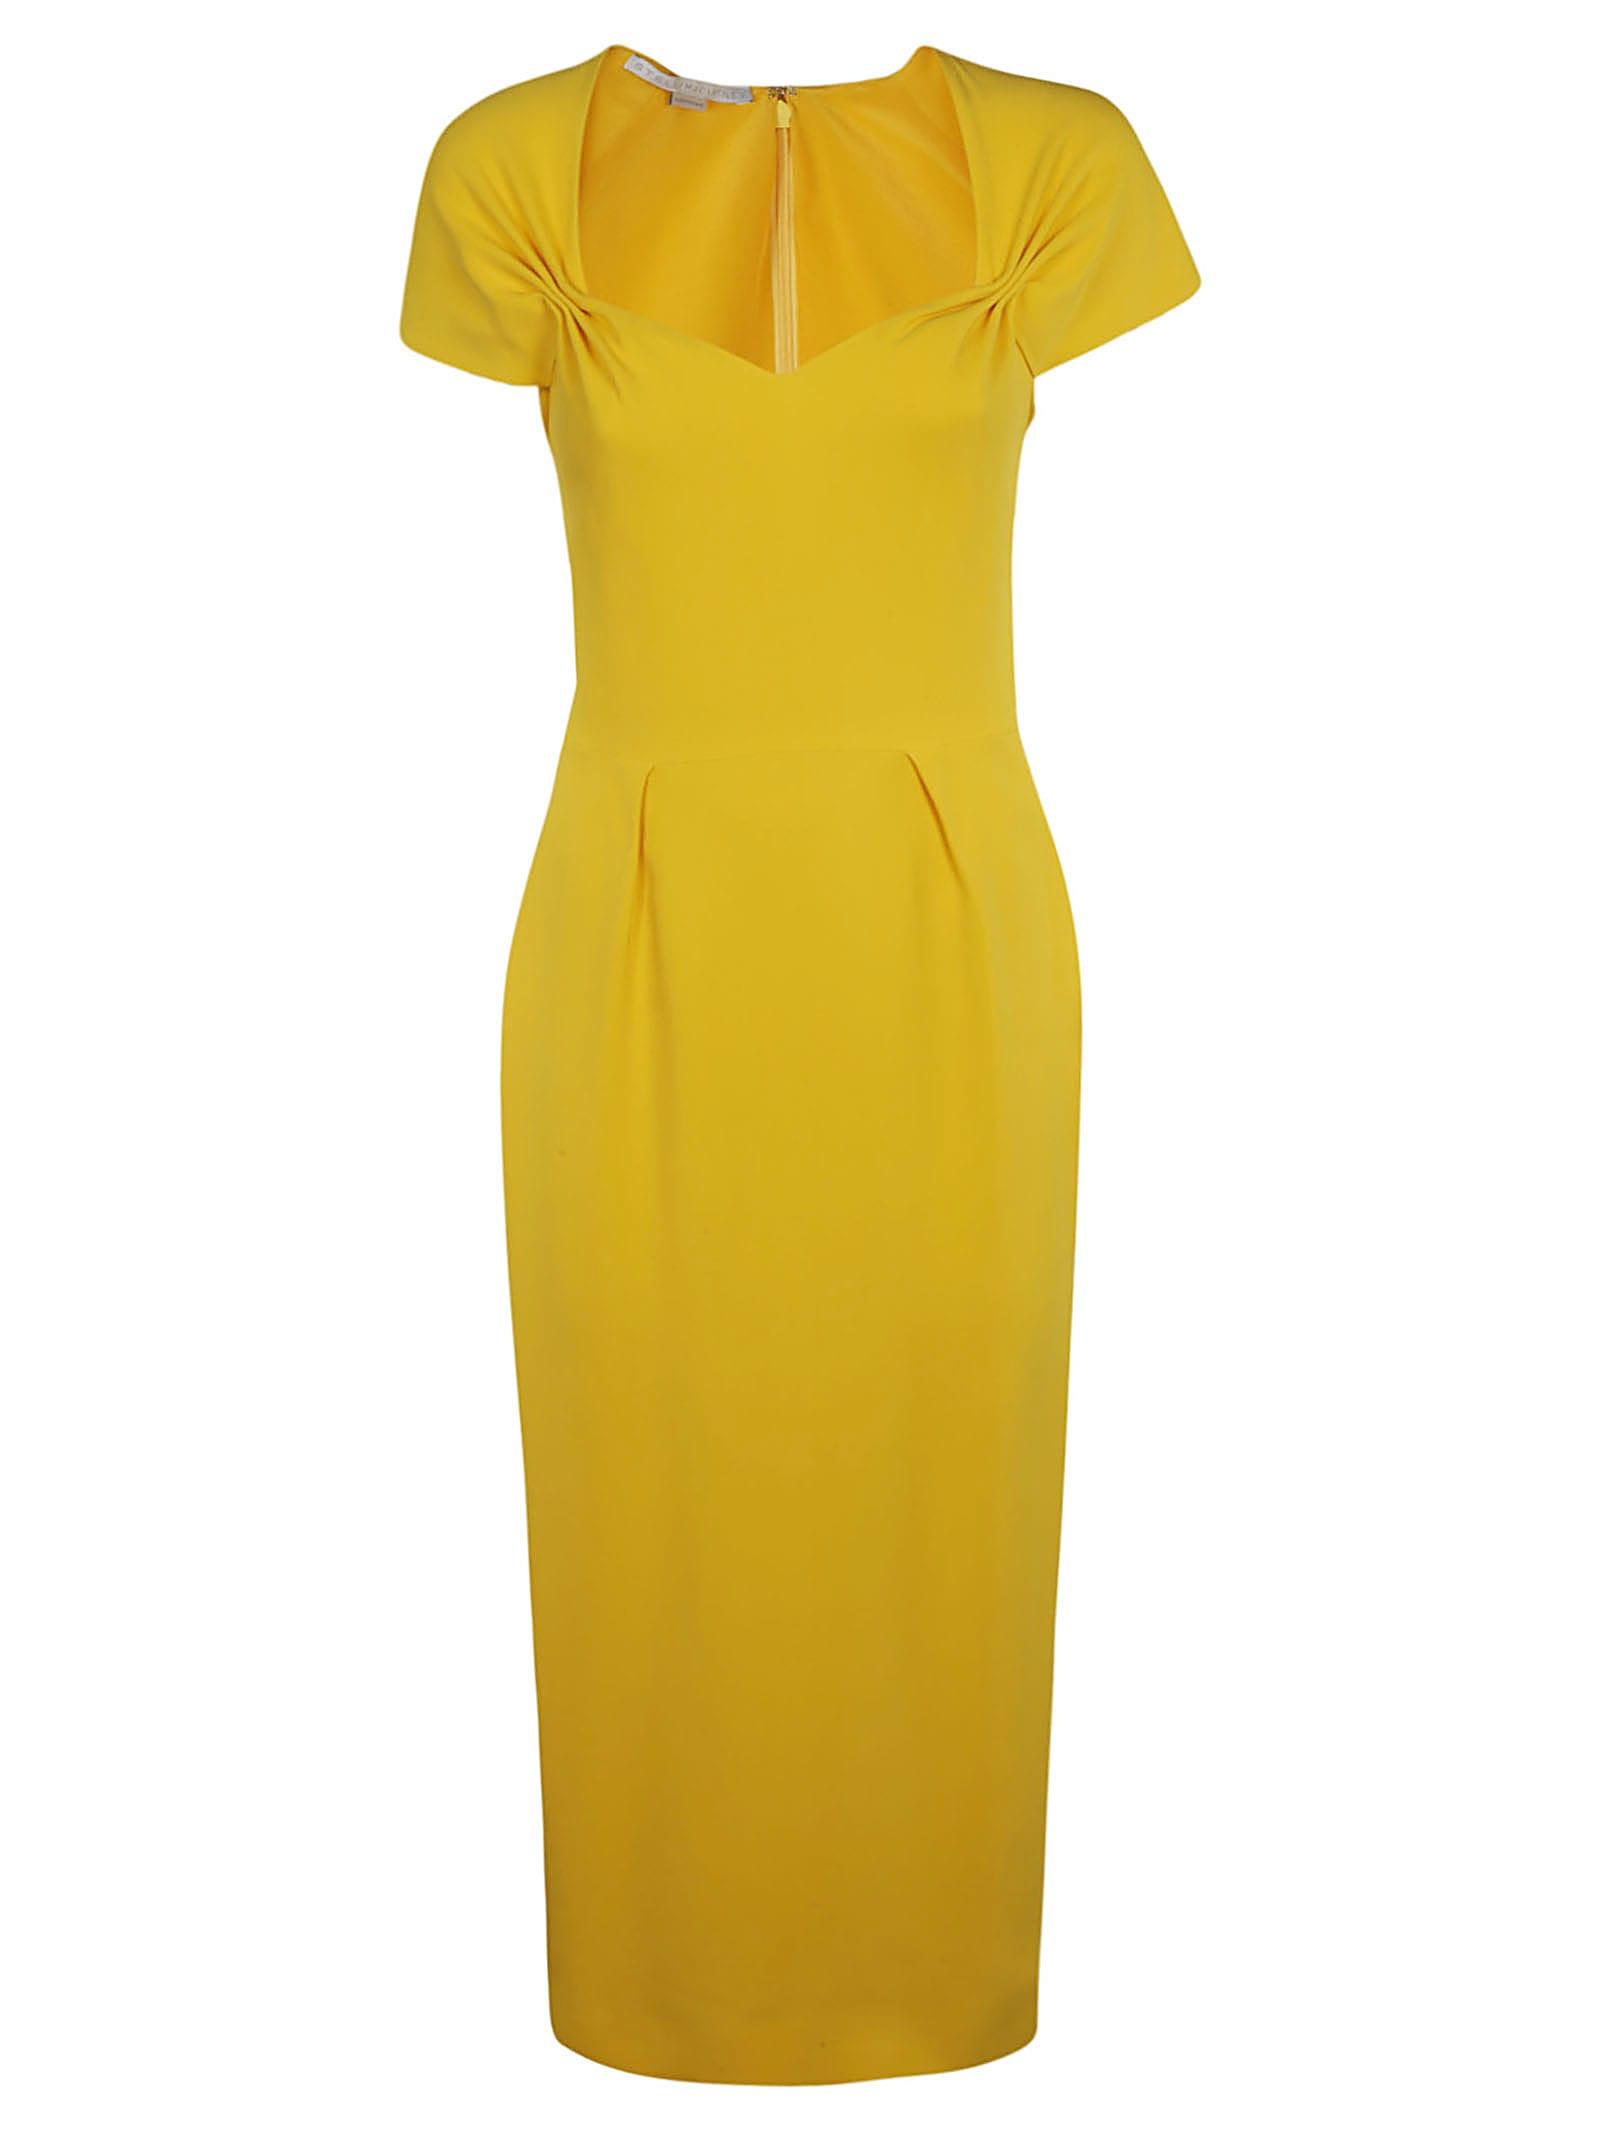 Stella McCartney Angle Dress